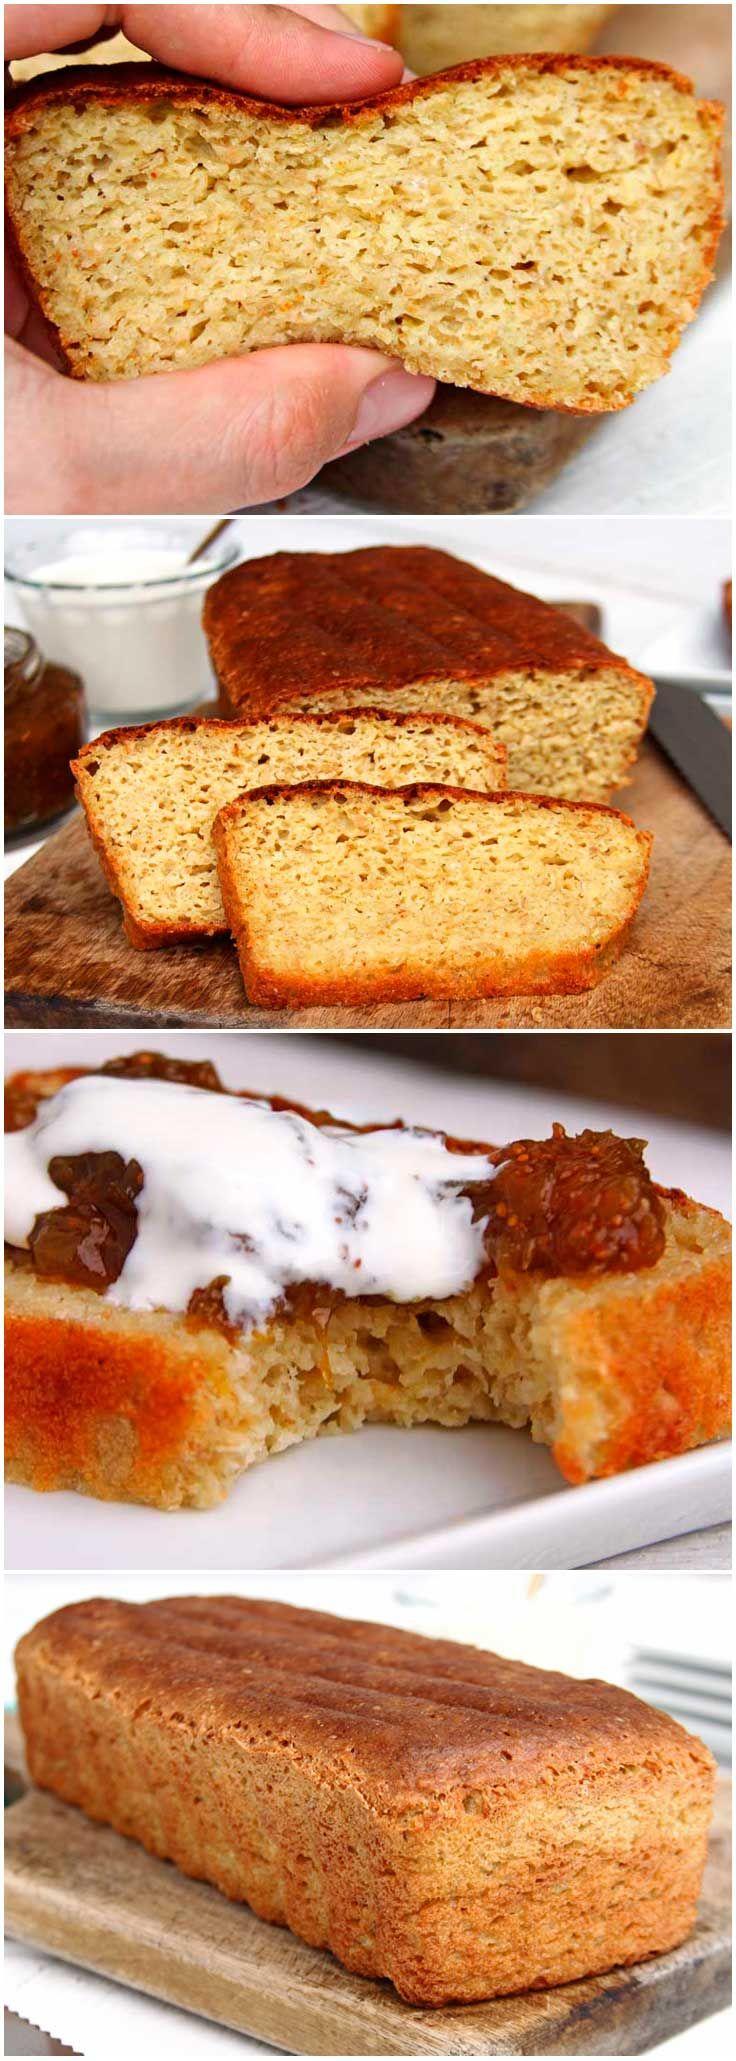 Pão caseiro funcional pra comer sem culpa! Esta receita de Pão Caseiro é fácil, super saudável, sem glúten, sem lactose e feito no liquidificador.